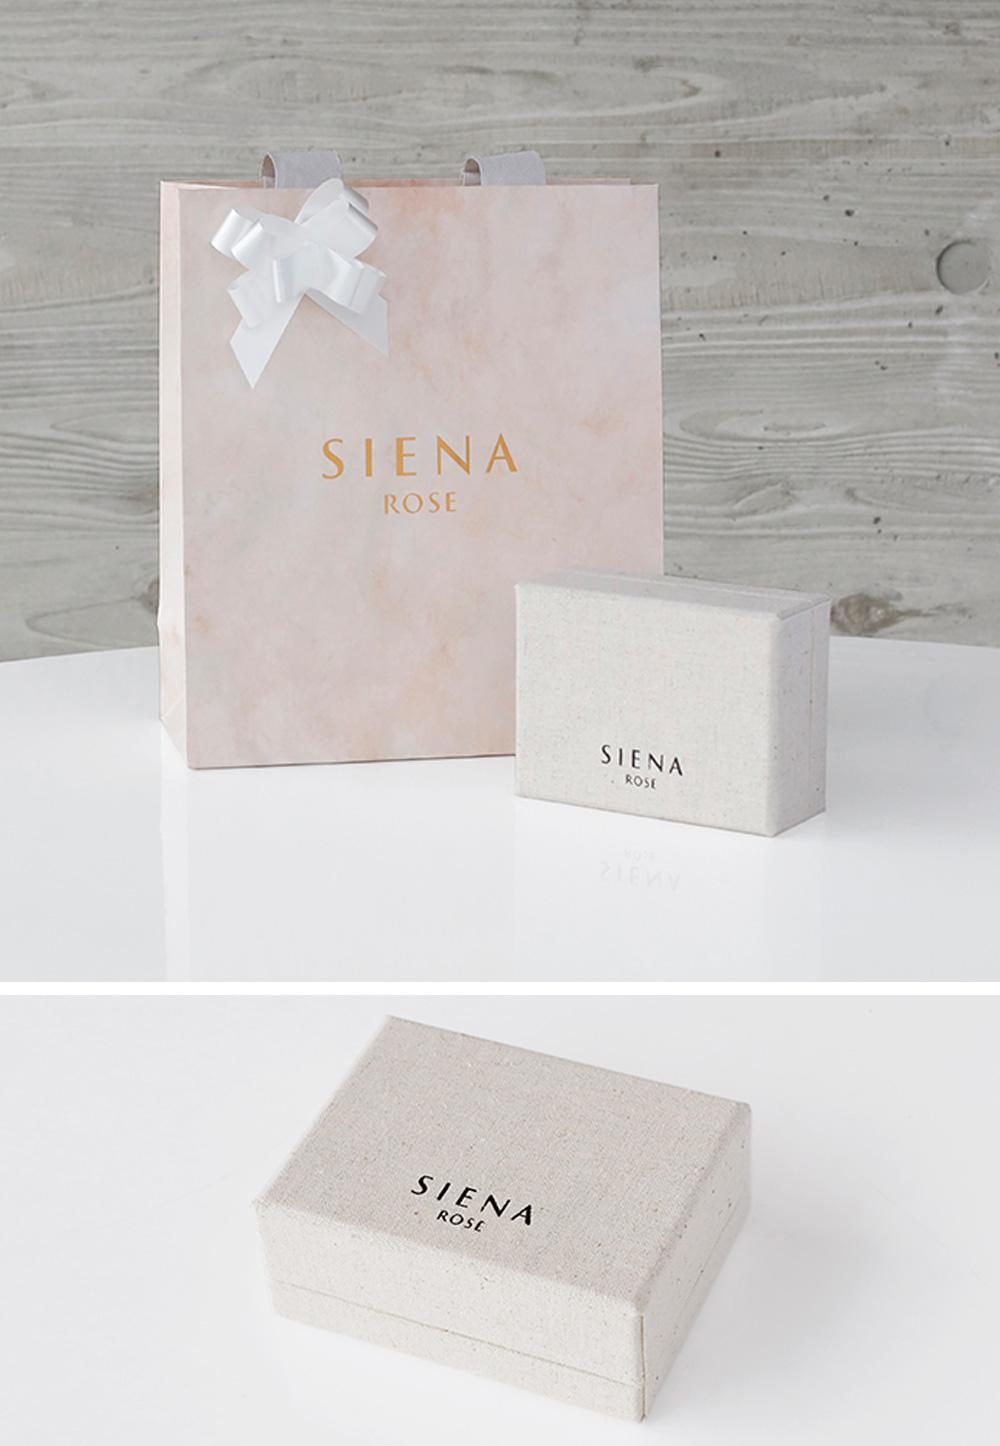 SIENA ROSE白いリボンをつけたショッパー